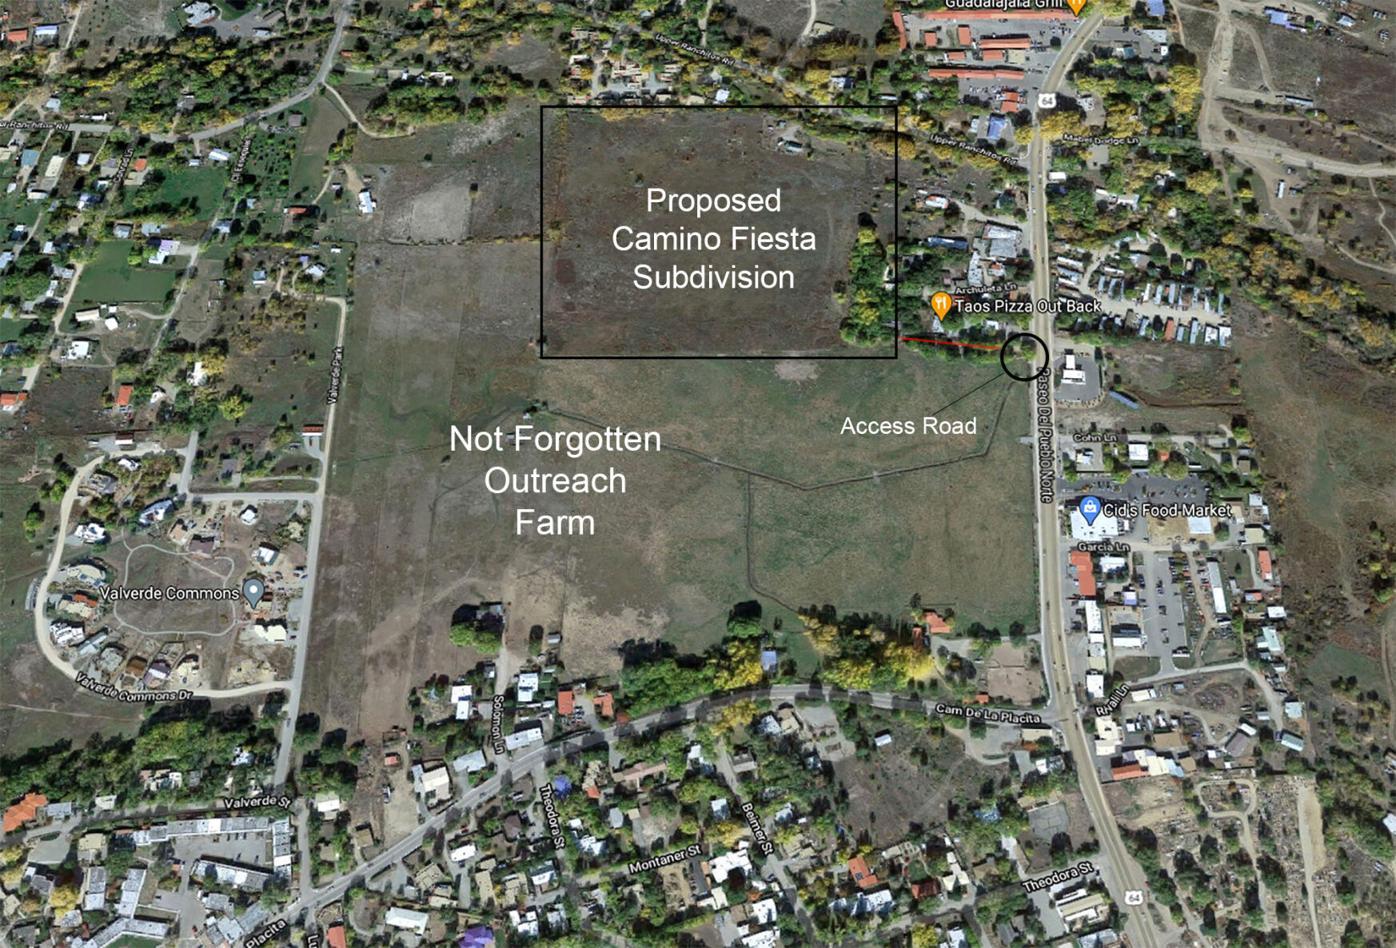 Camino Fiesta subdivision application denied